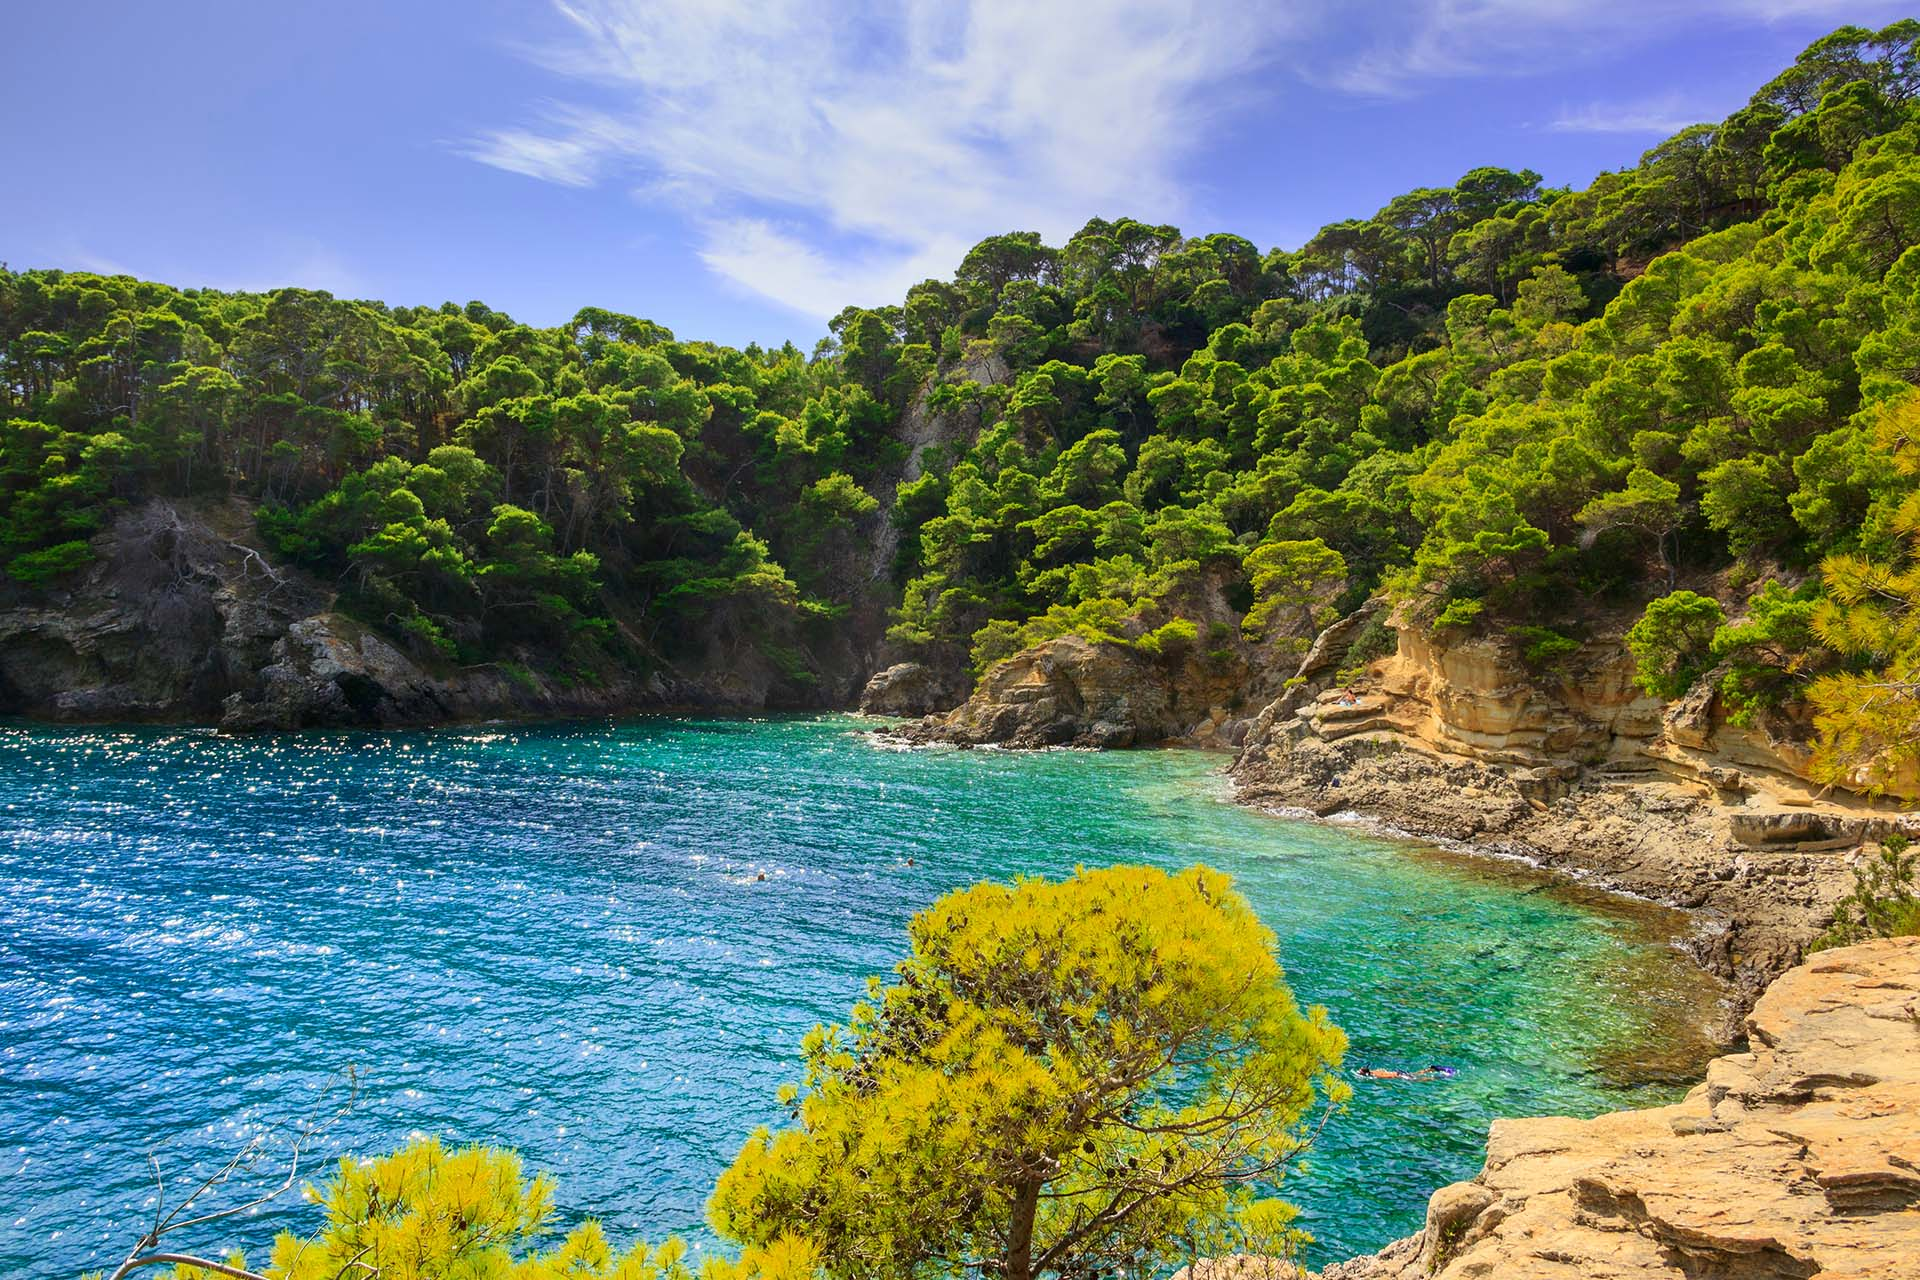 Las islas Tremiti se componen de seis pequeñas islas frente al continente y se encuentra bajo la provincia de Foggia